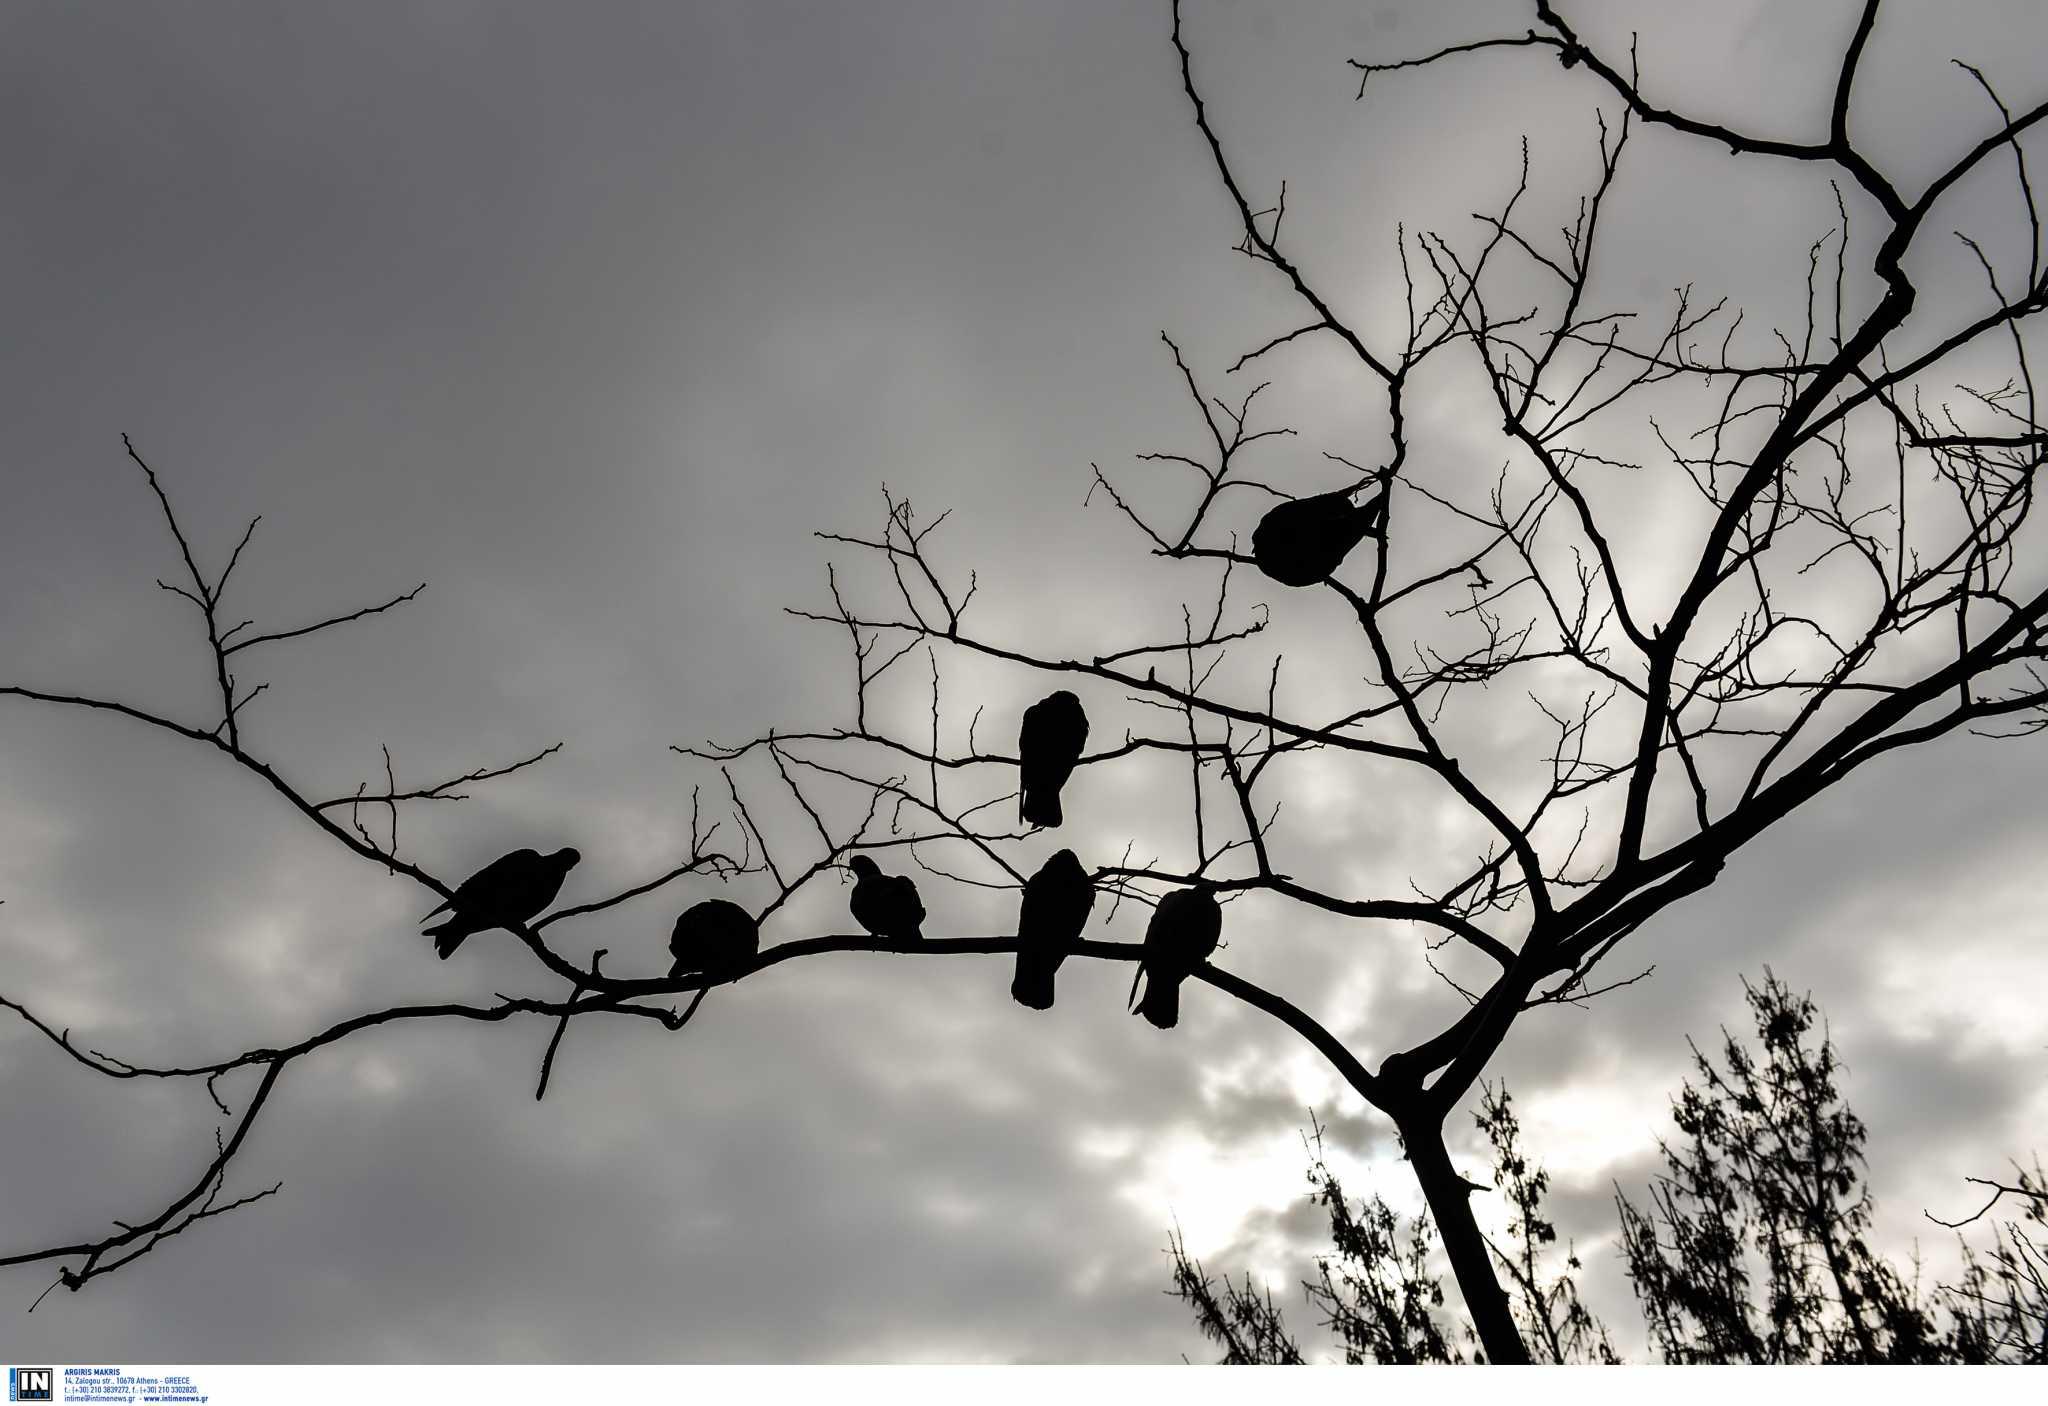 Χανιά: Συγκλονίζει η νέα αυτοκτονία – Άφησε σημείωμα και κρεμάστηκε σε δέντρο